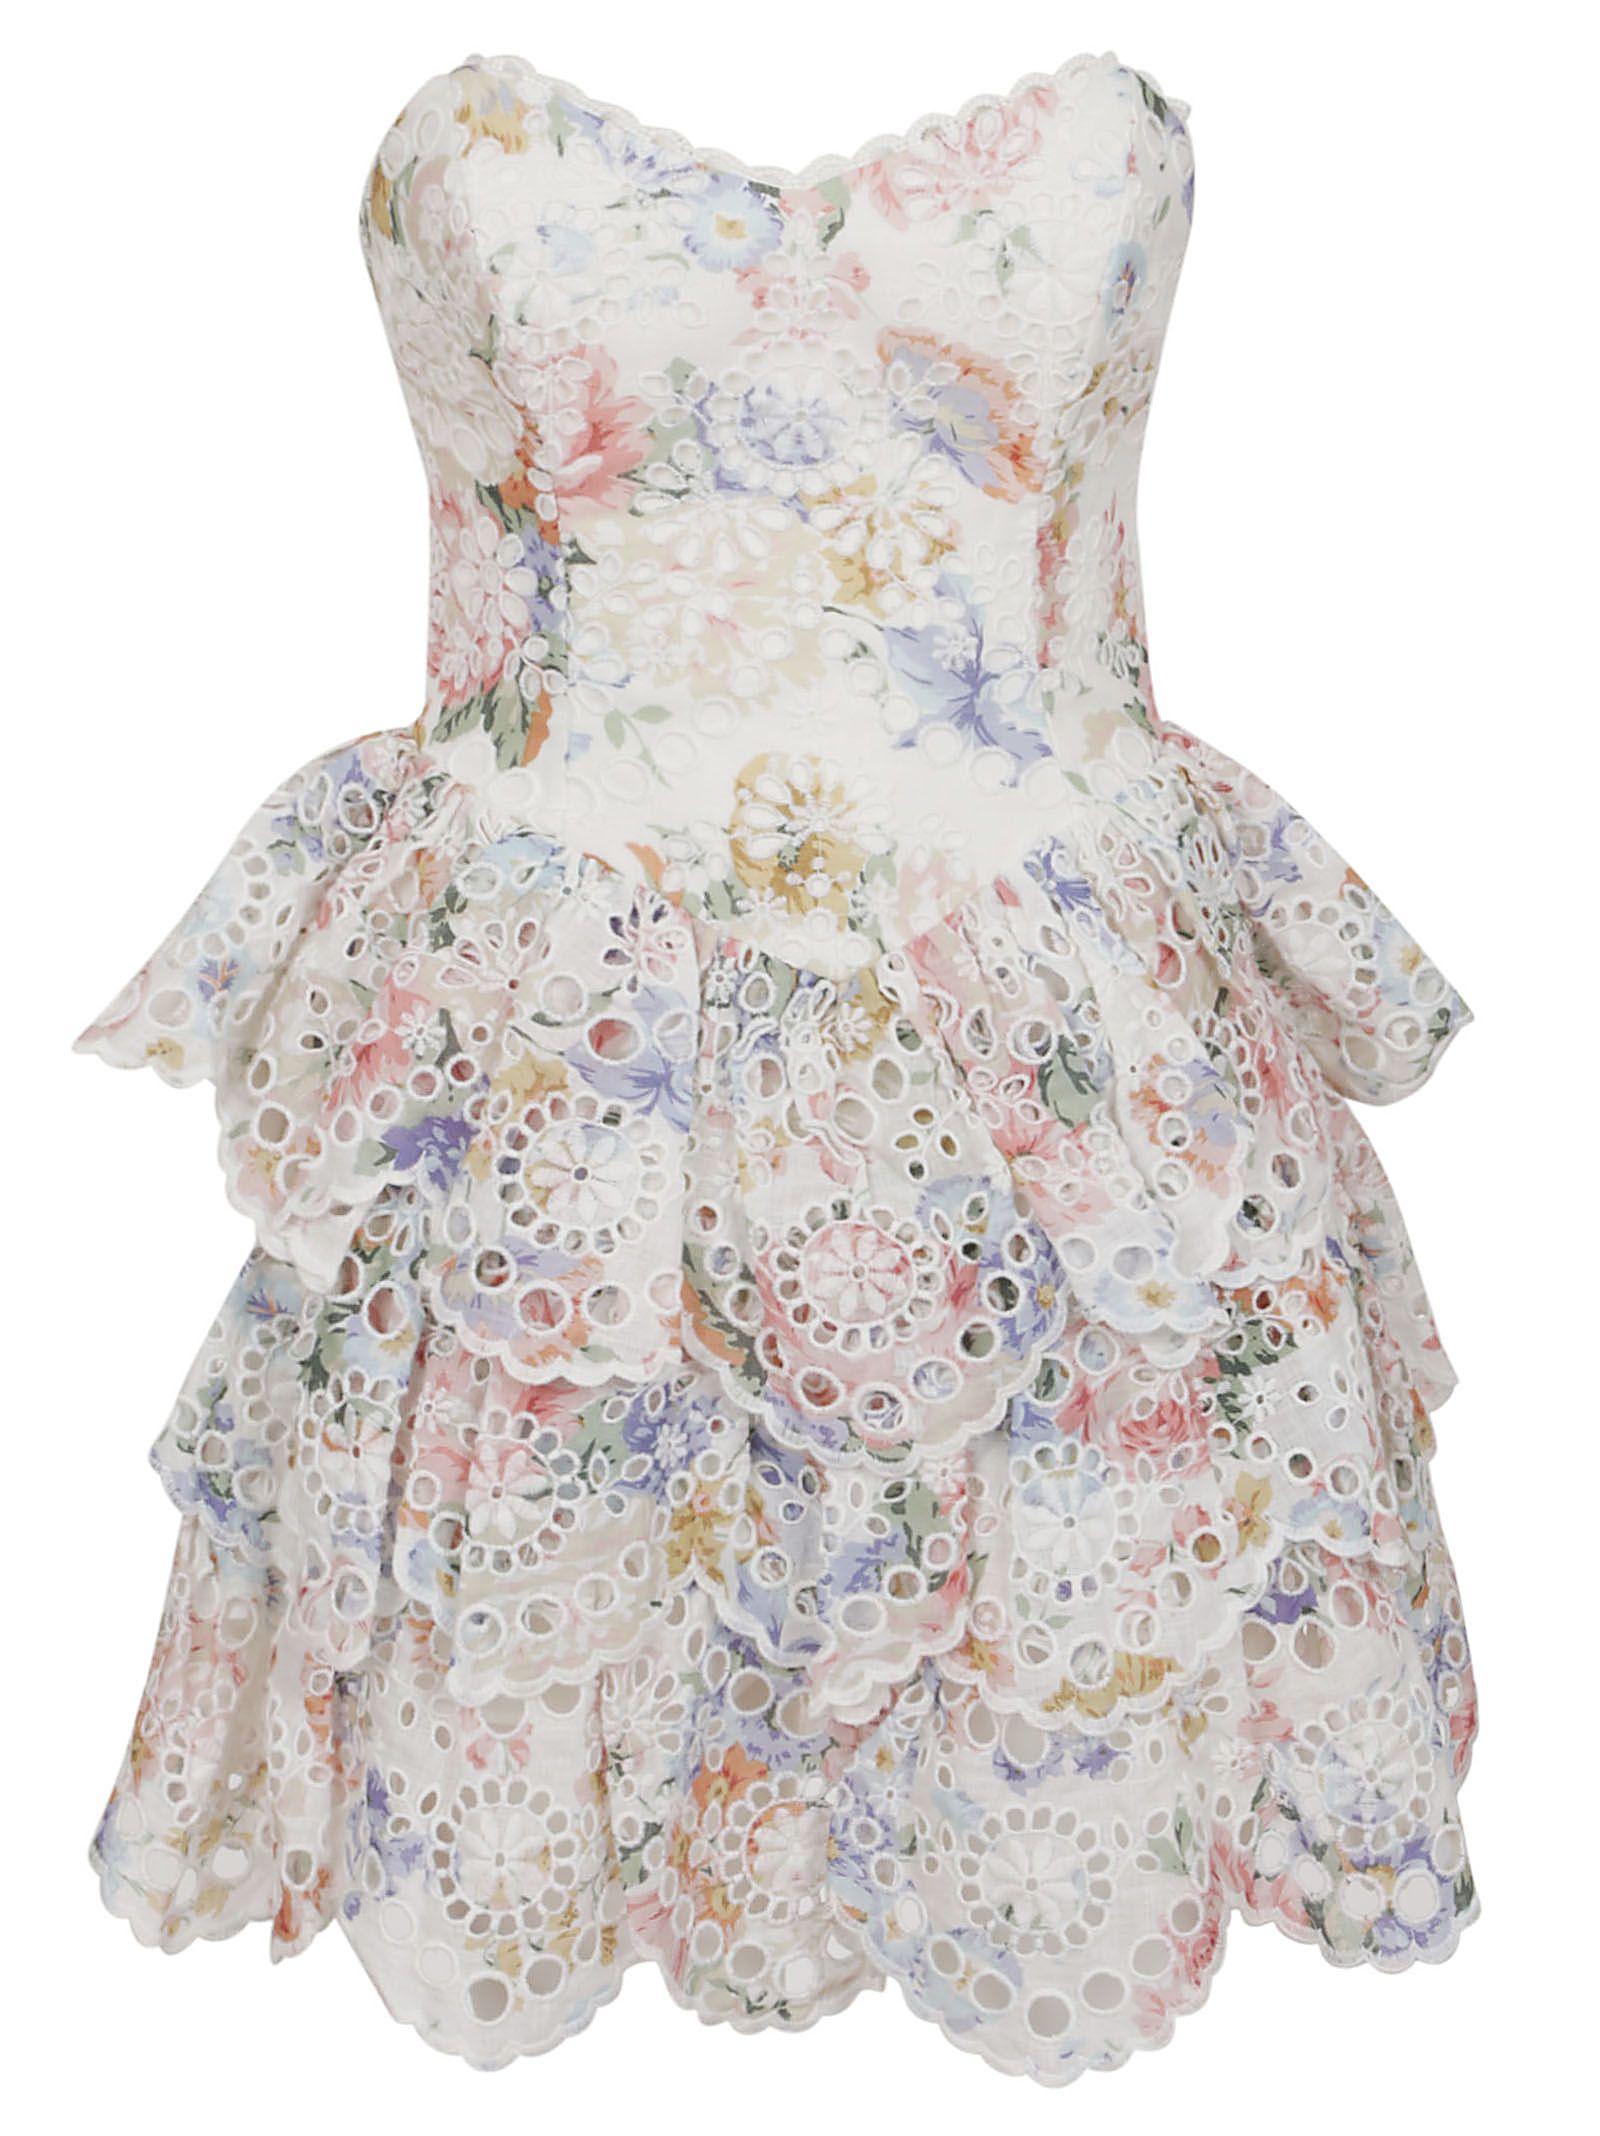 fc99b7f4d097e Zimmermann Zimmermann Bowie Ruffle Dress - Crf Cream Floral ...